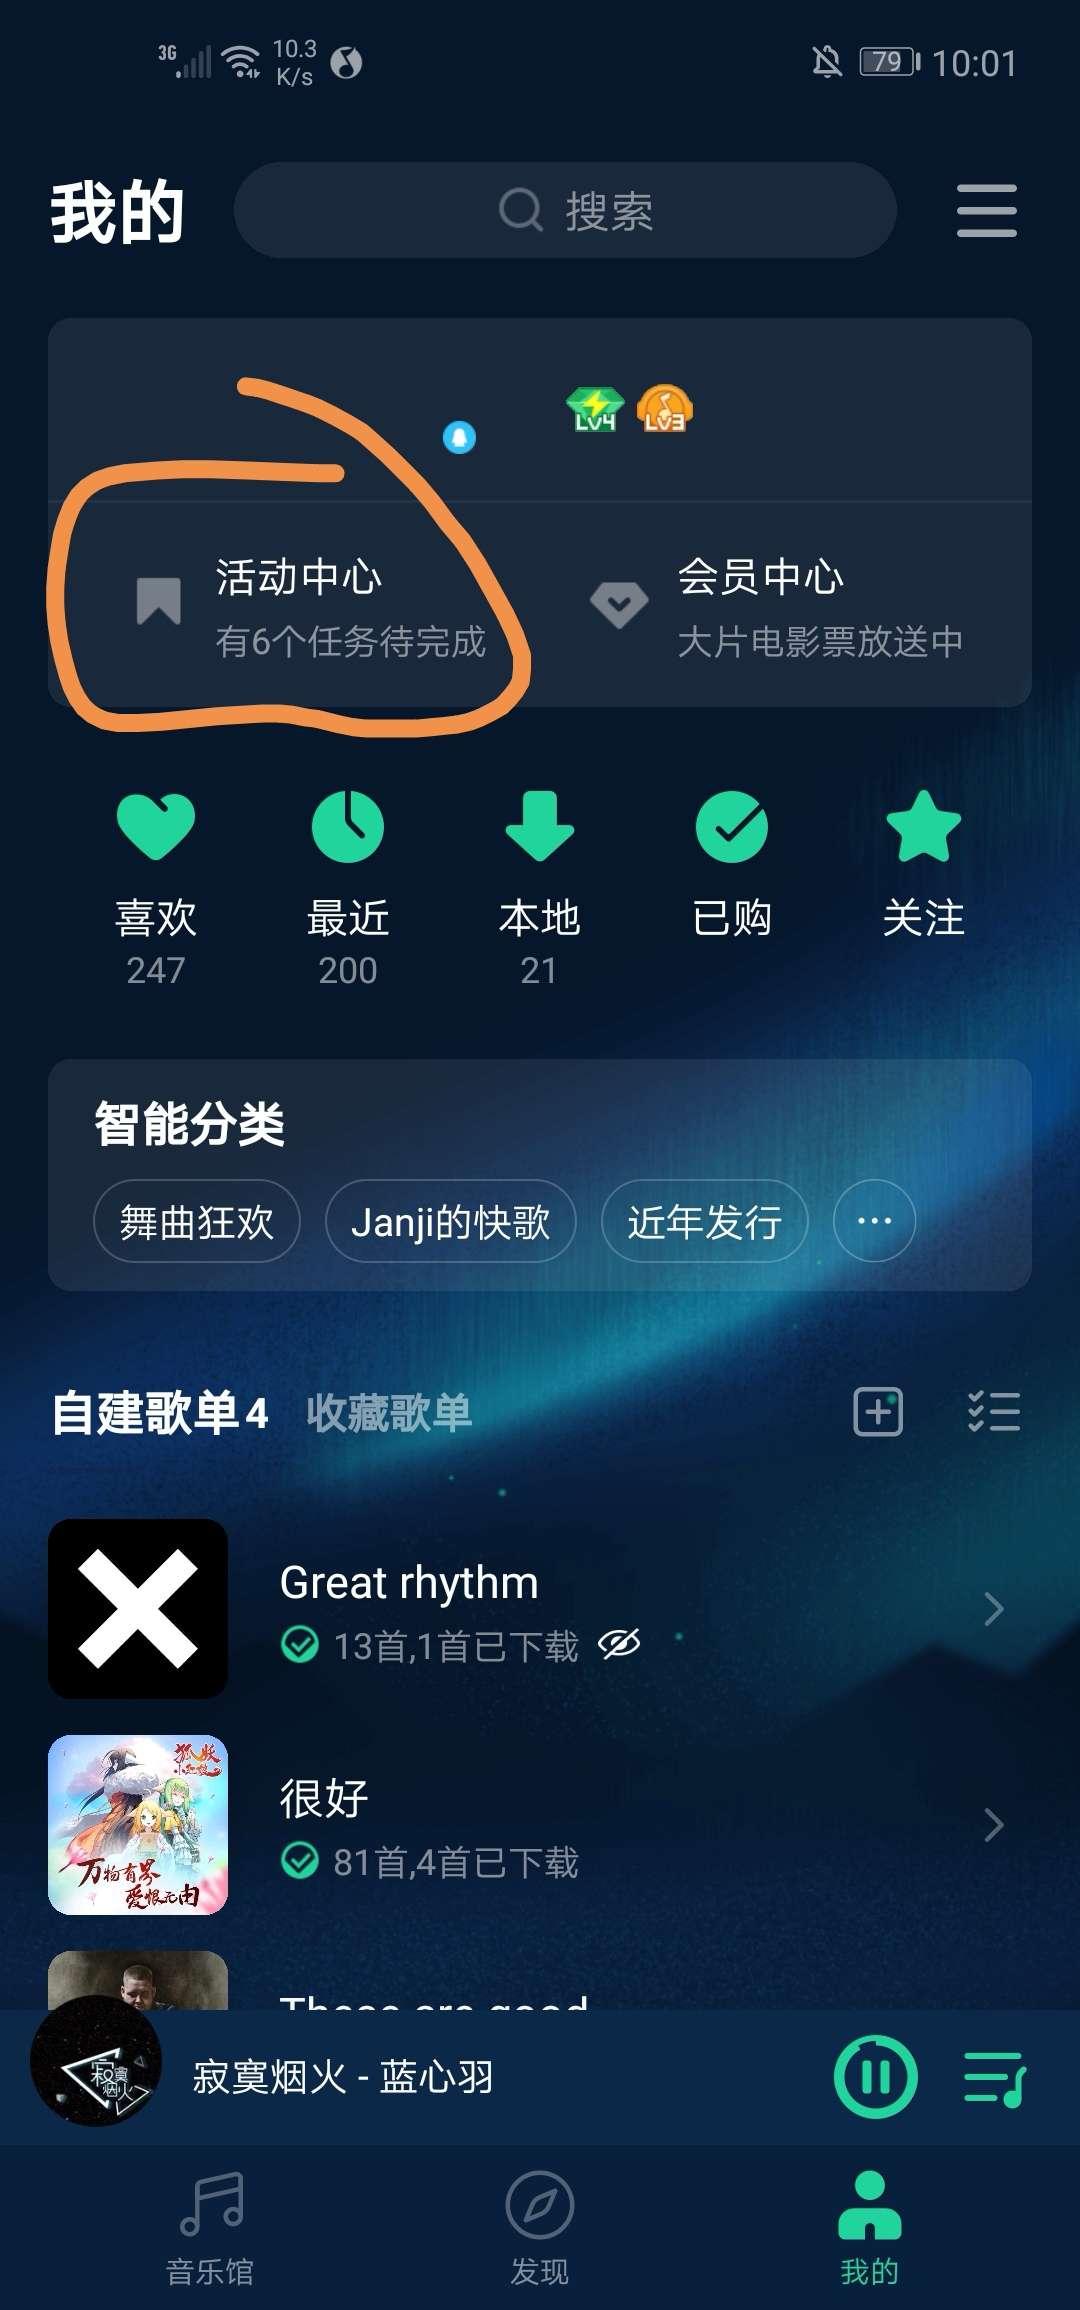 【实物】QQ音乐抢实物-100tui.cn